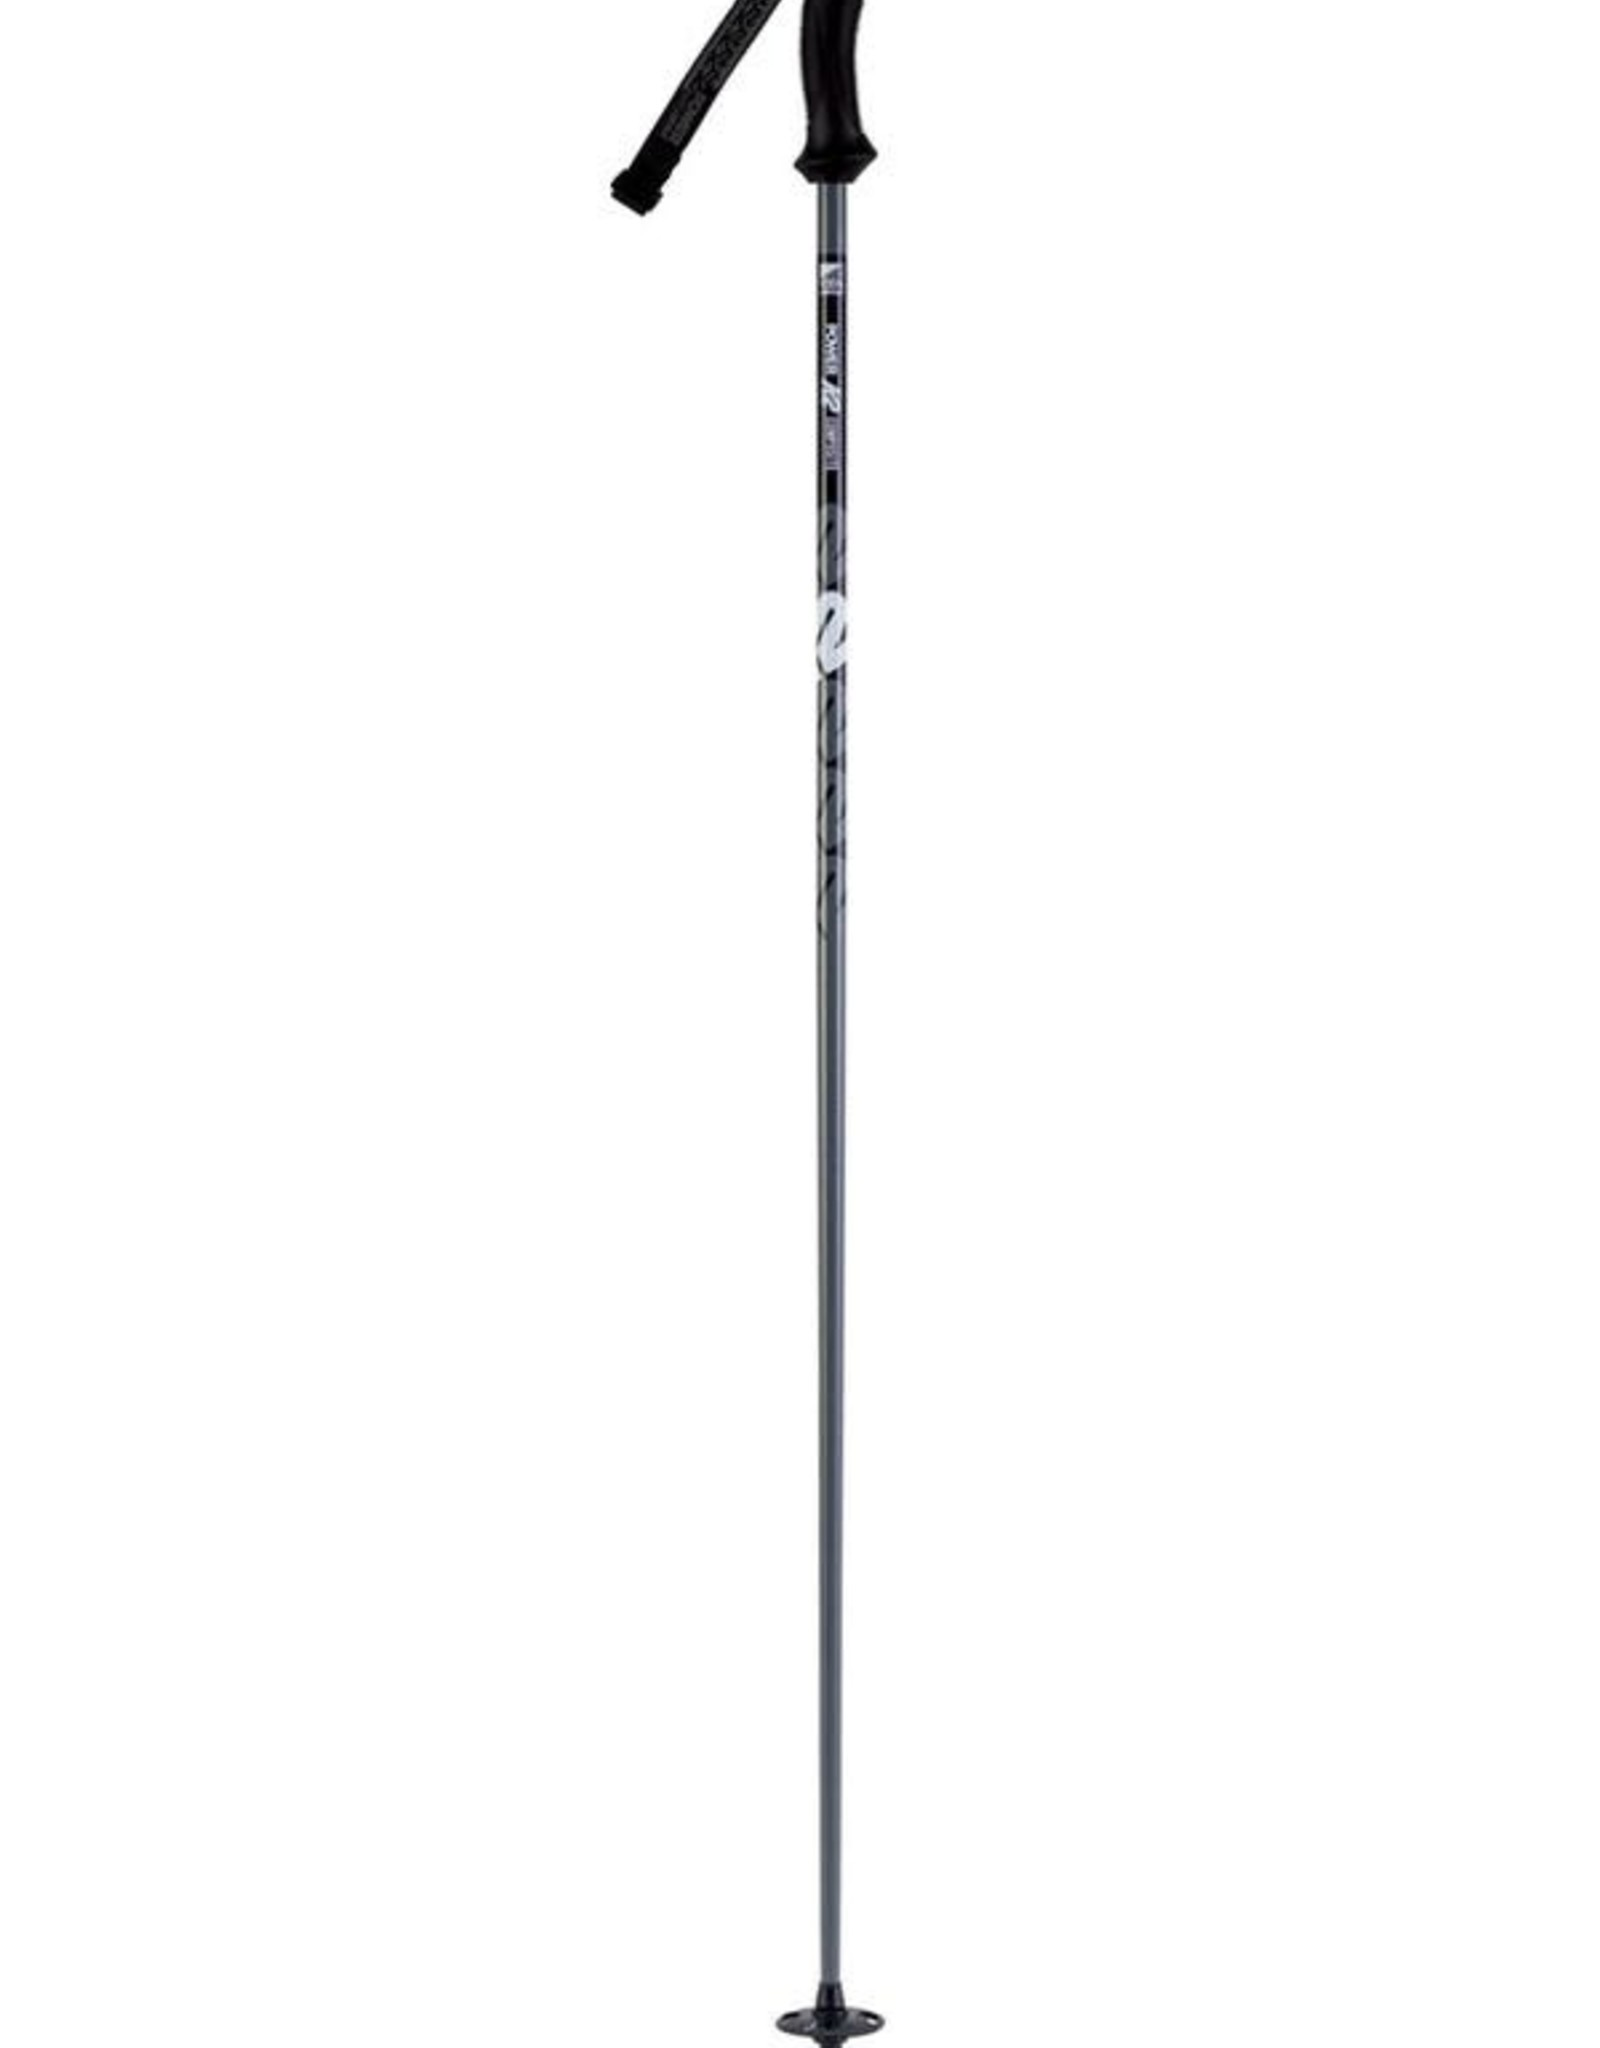 K2 Hiver Batons Ski Alpin K2 Composite